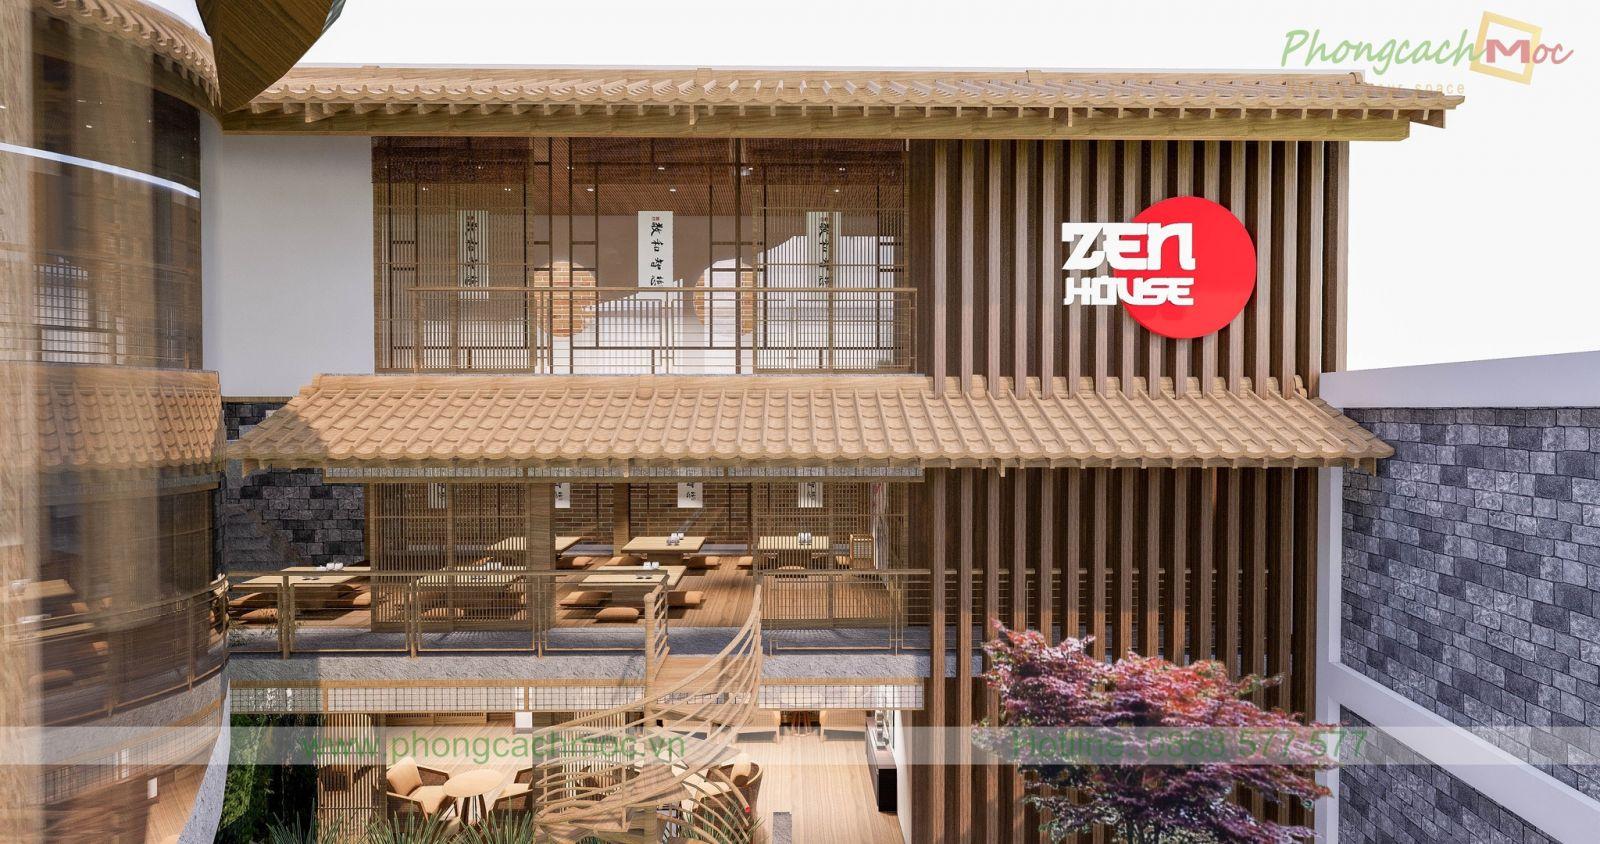 thiết kế 3 tầng của nhà hàng chay